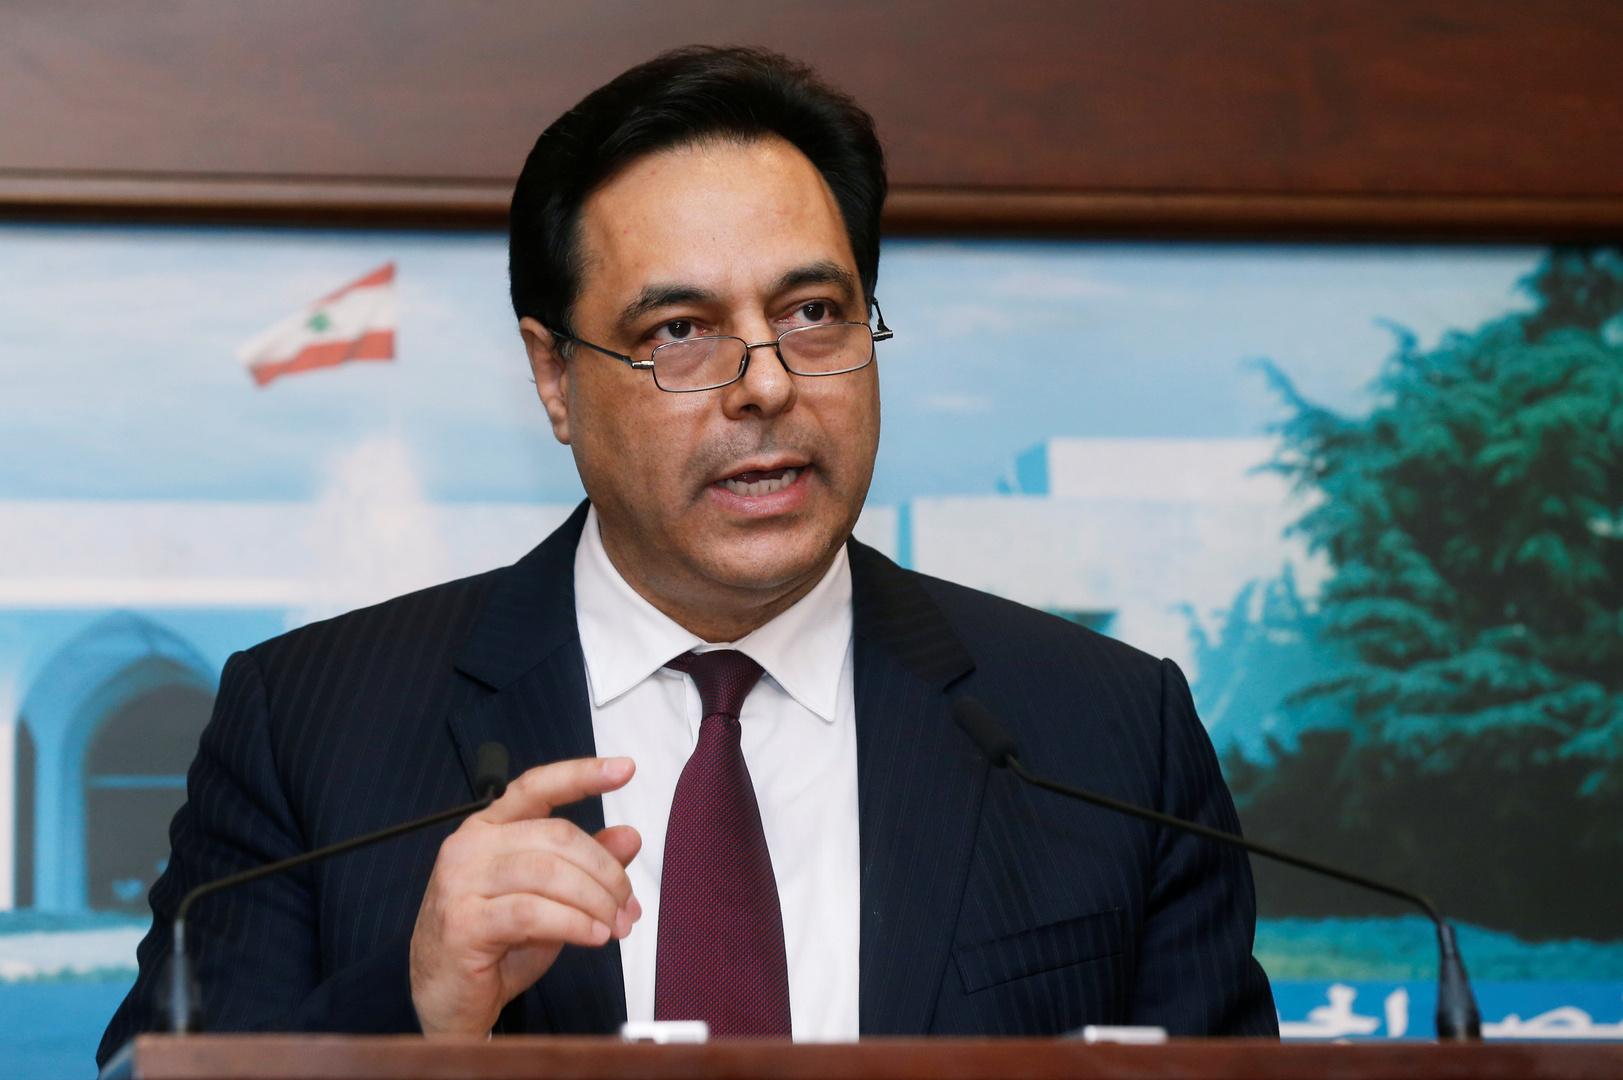 حسان دياب، رئيس حكومة لبنان